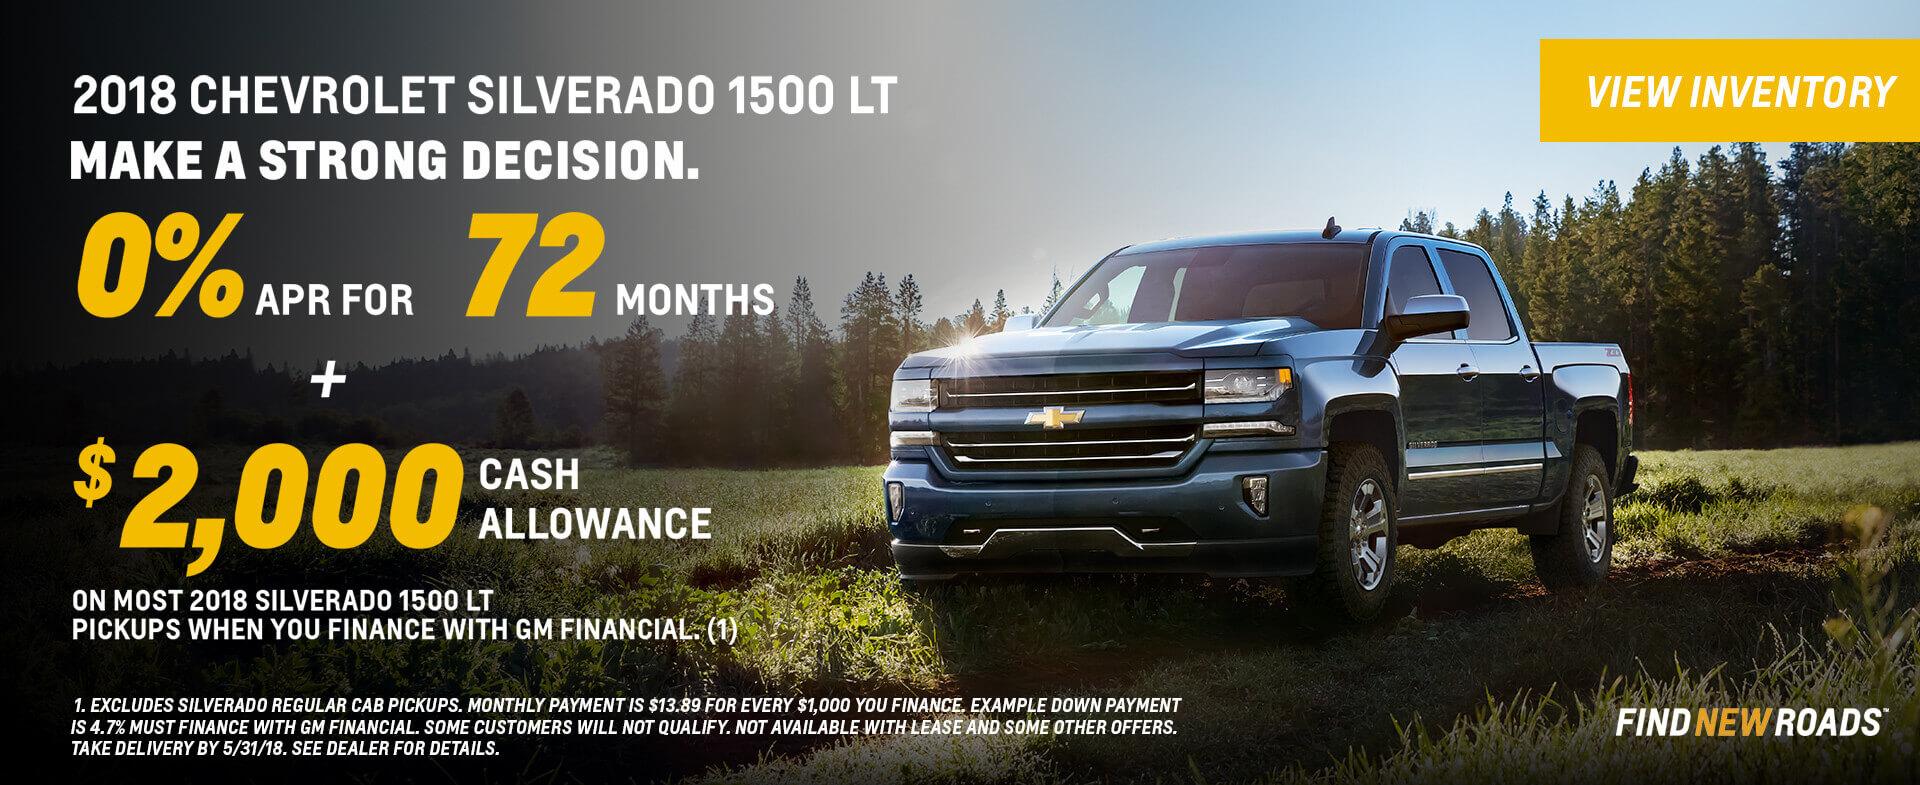 2018 Chevrolet Silverado 1500 0% APR